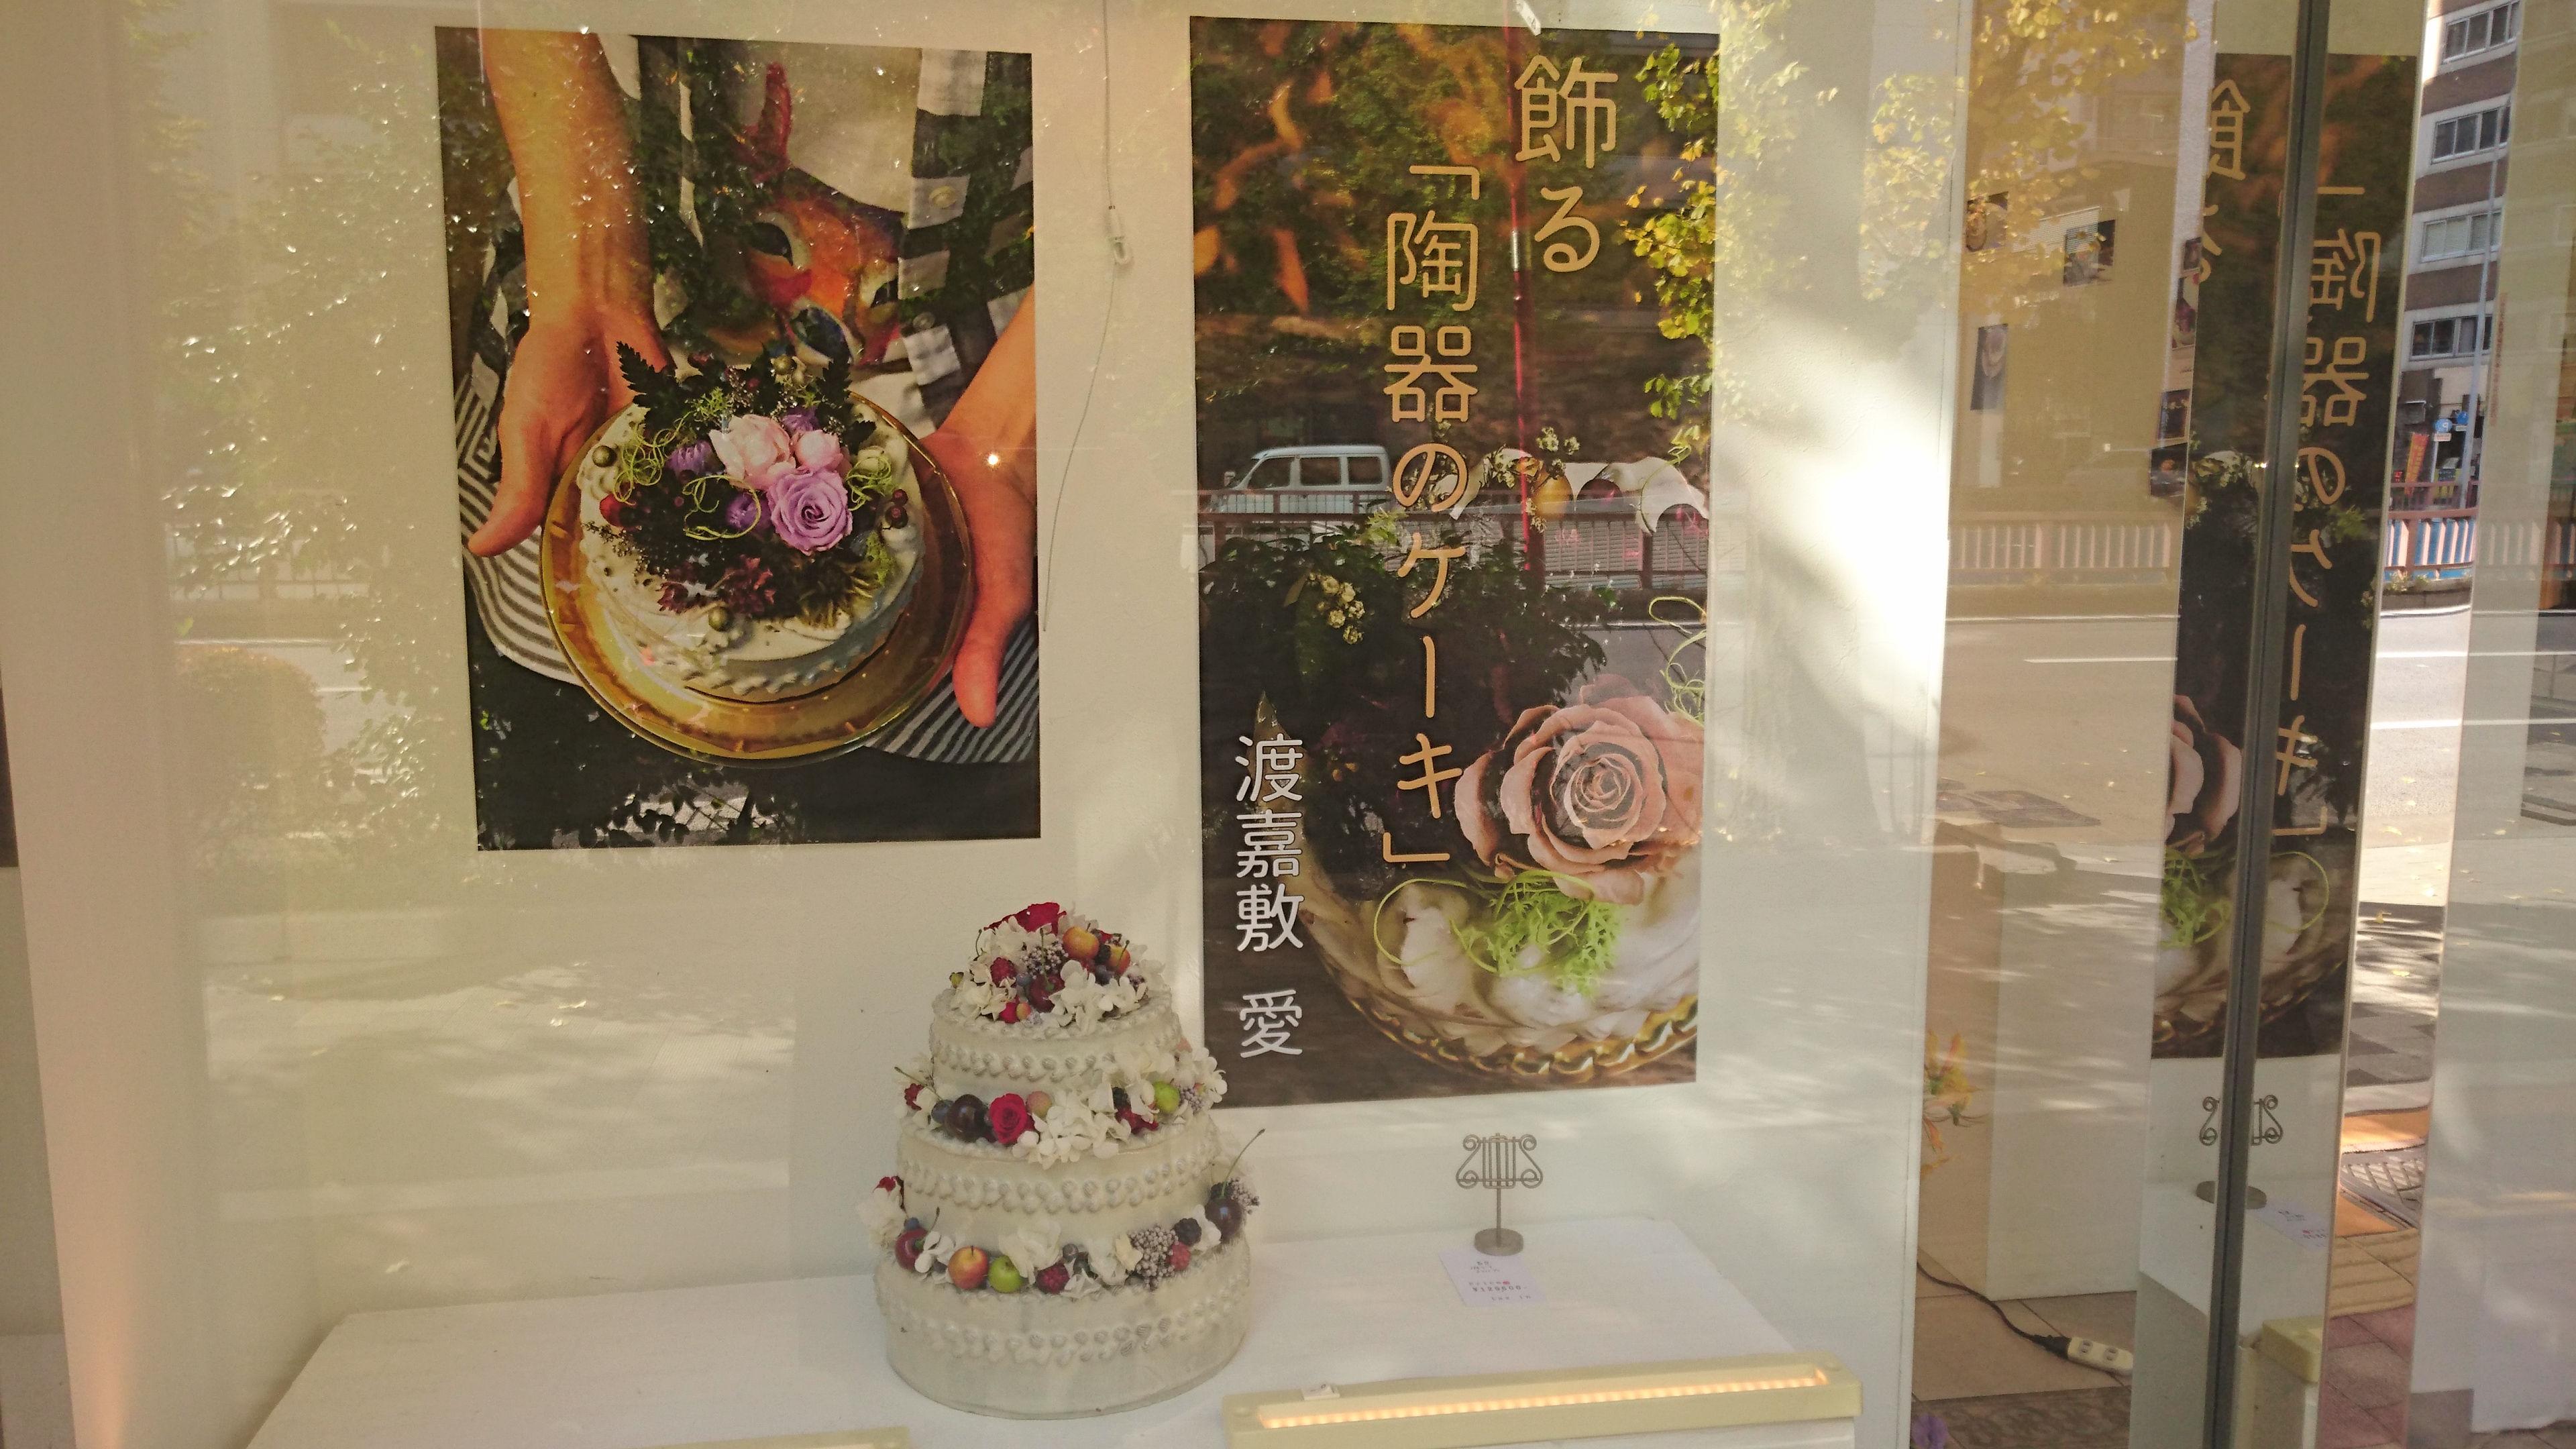 個展「渡嘉敷愛の世界 陶器のデコレーションケーキ」